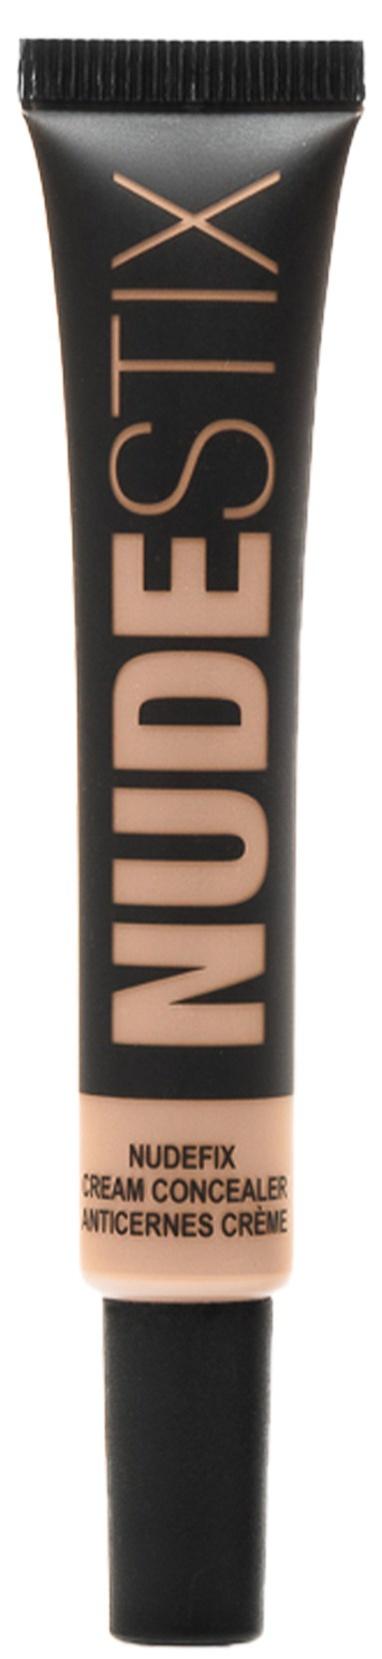 NudeStix Nudefix Cream Concealer